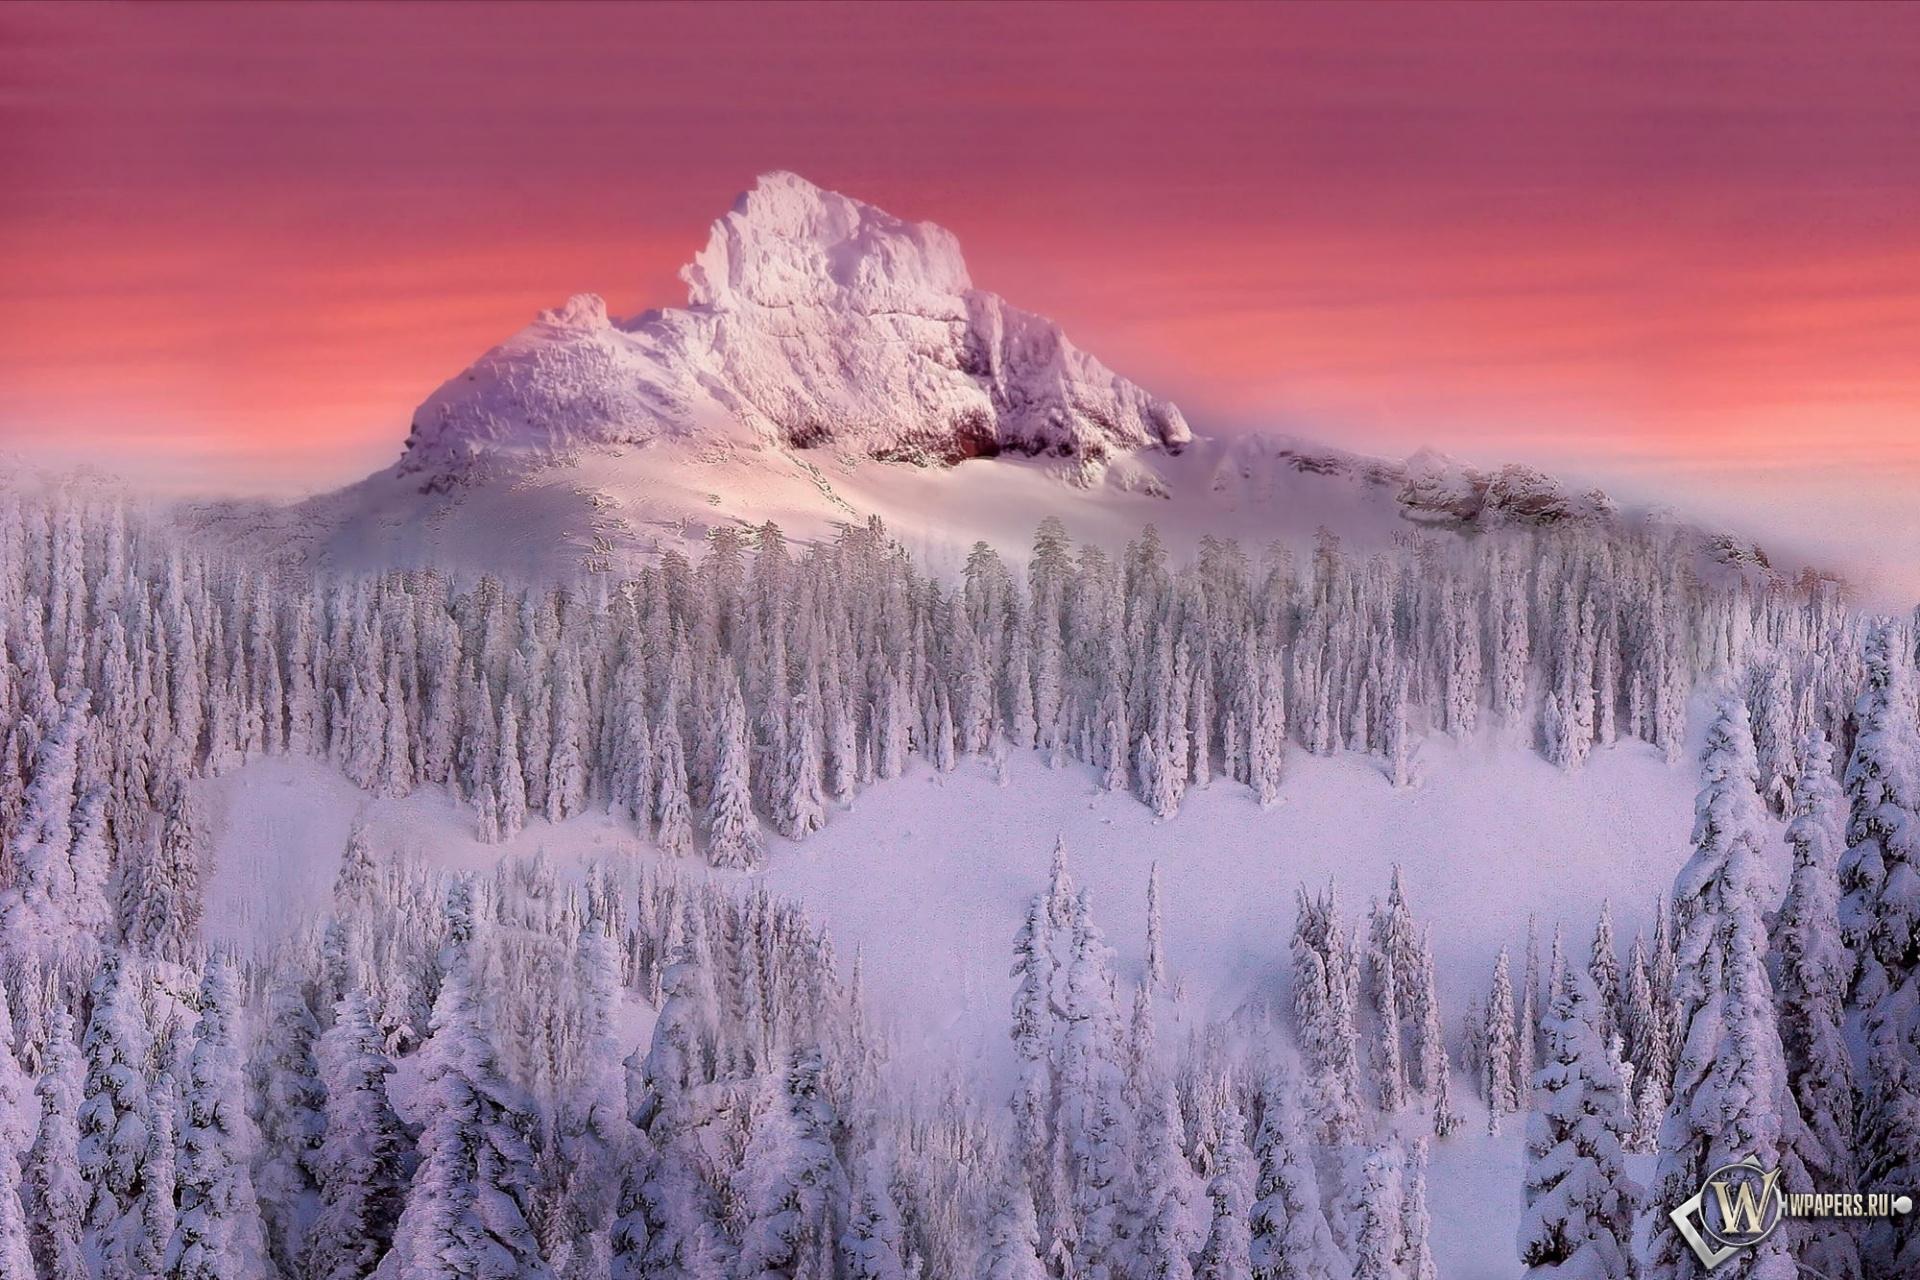 Зимняя гора 1920x1280